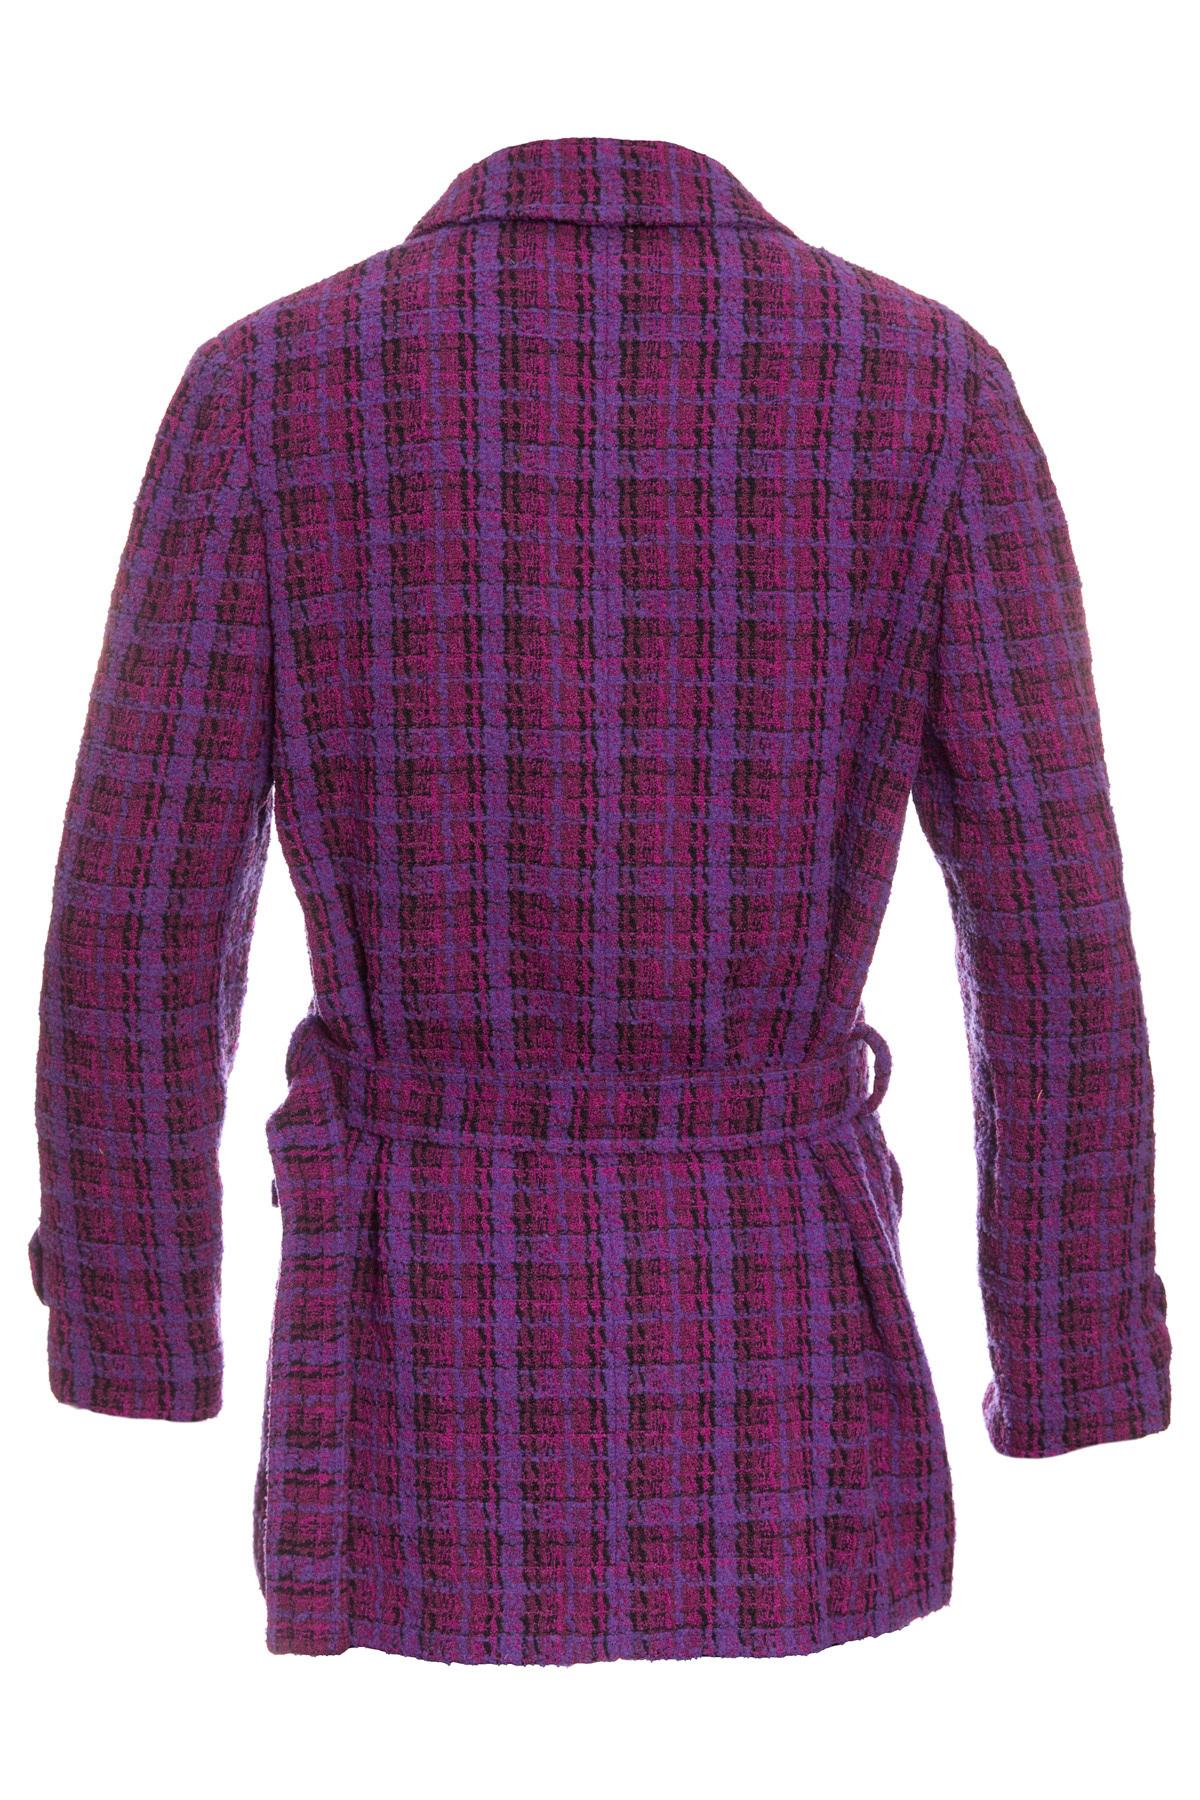 Удлиненный сиренево-фиолетовый твидовый пиджак с поясом от Chanel, 42 размер